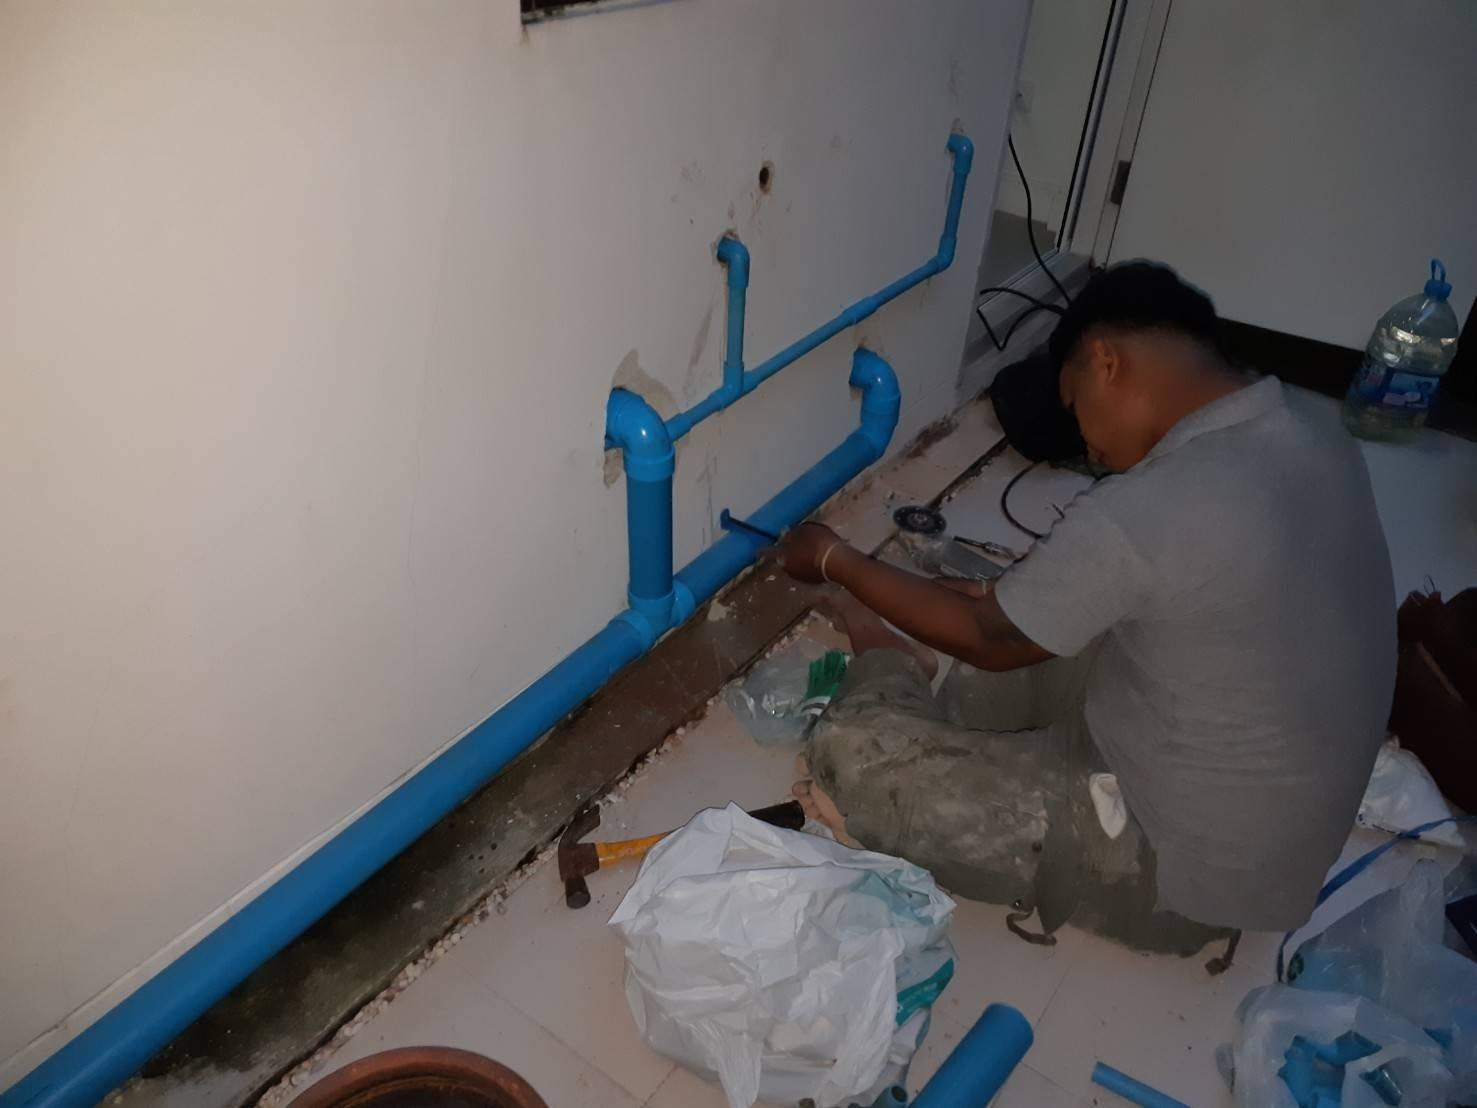 ช่างซ่อม ประปา ไฟฟ้า ปั้มน้ำสะพานสูง ด่วน 0882750965 id line: @ckj5753k